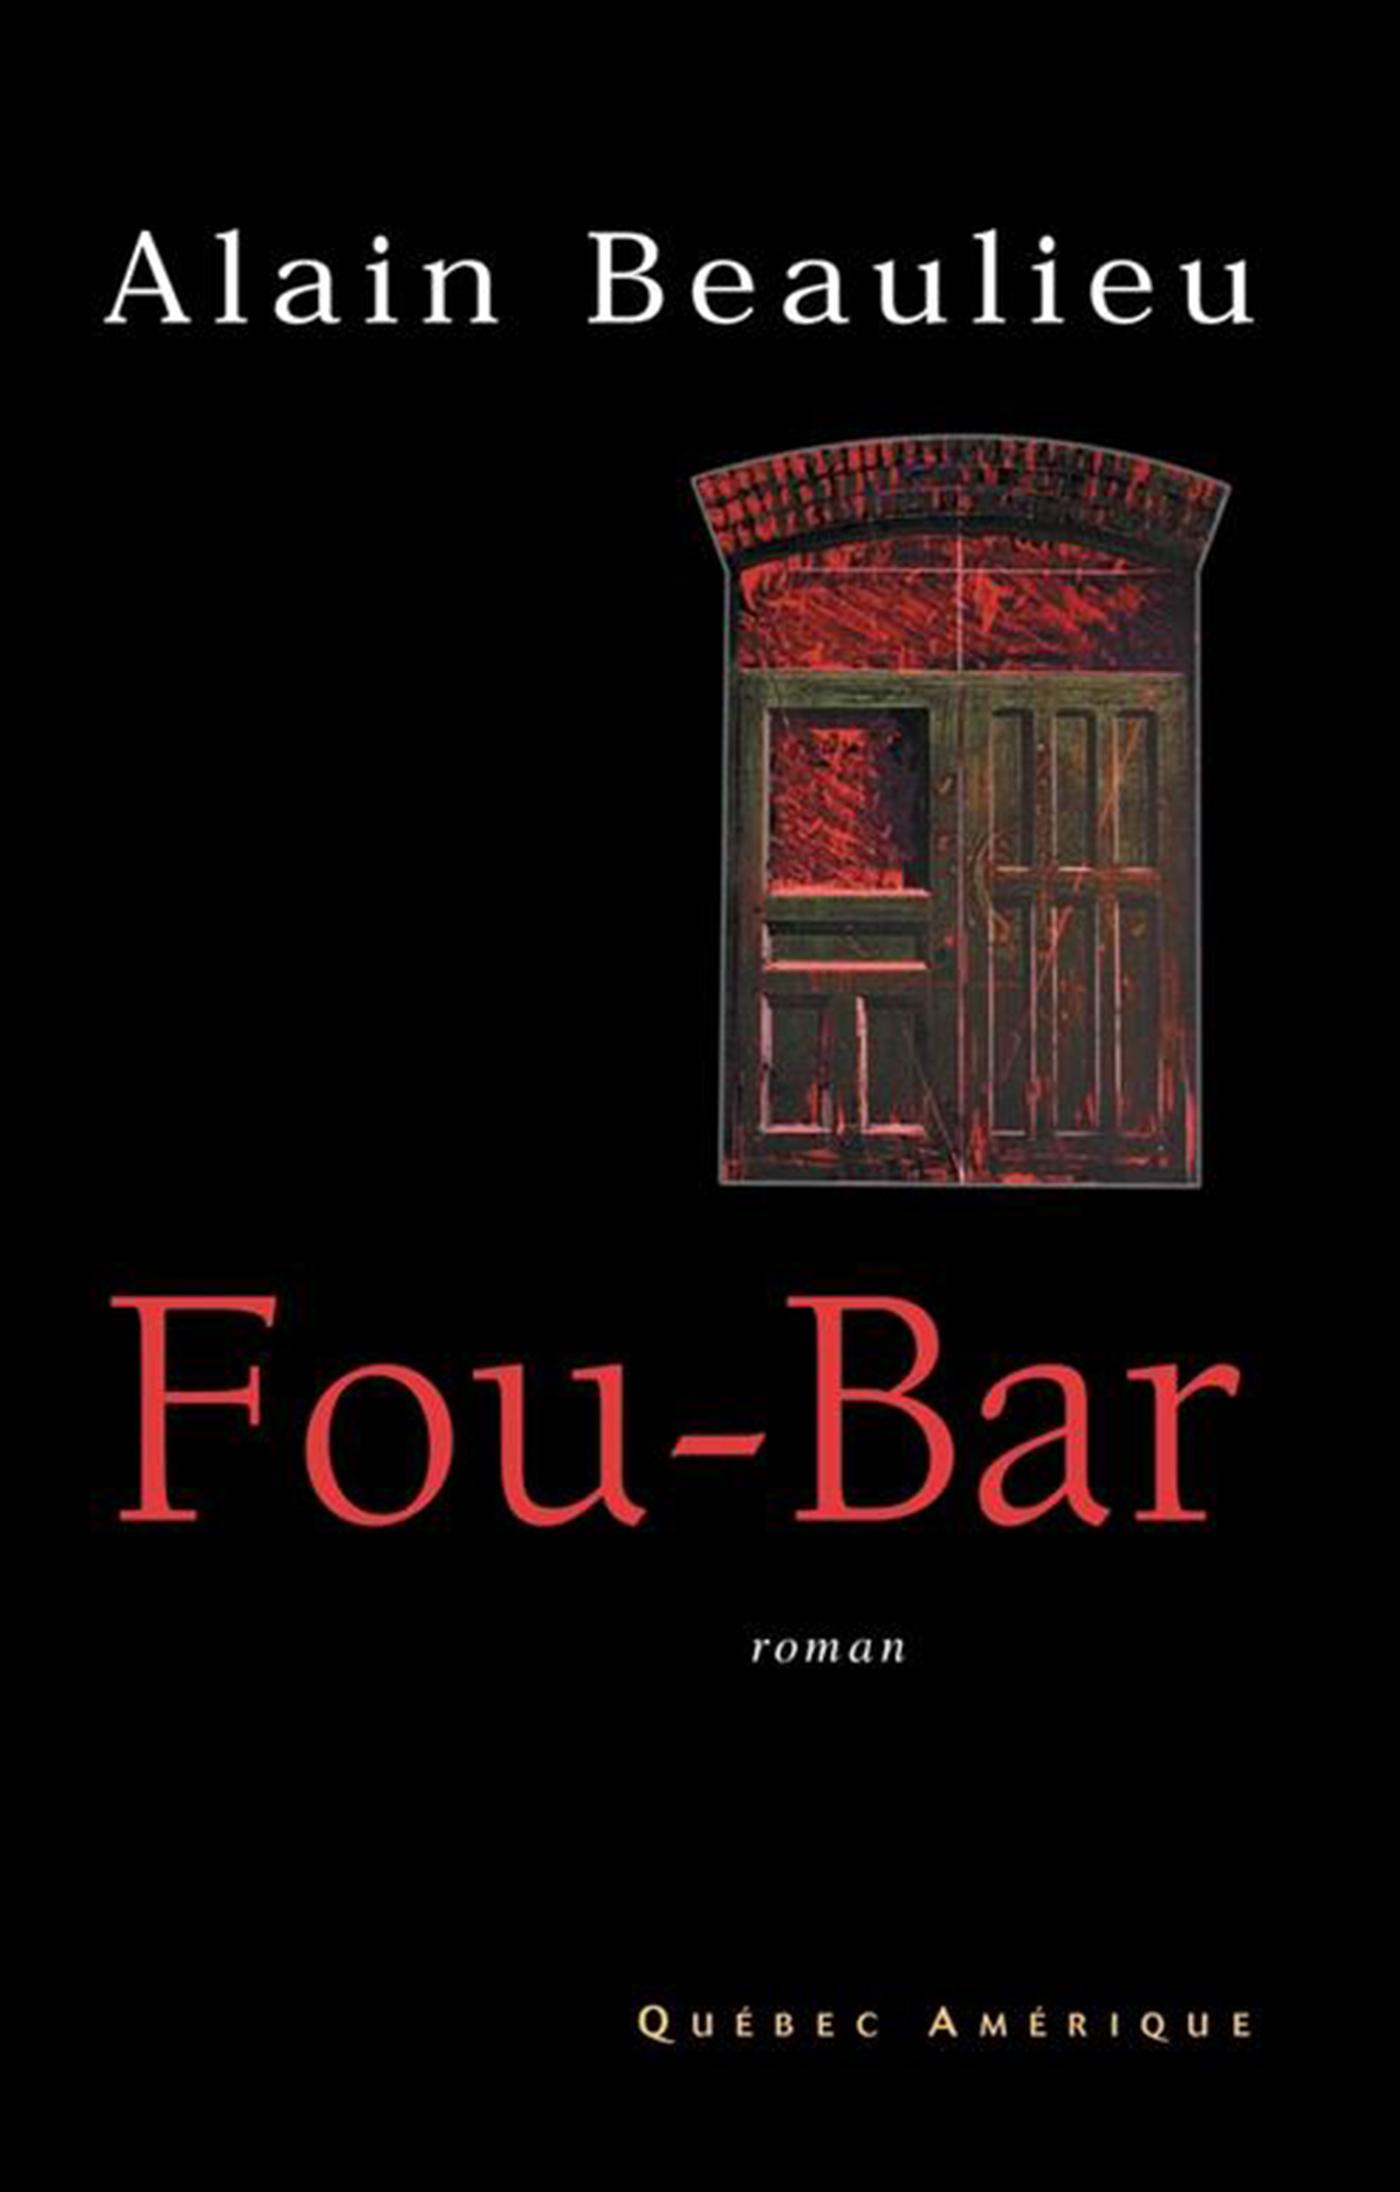 Fou-Bar